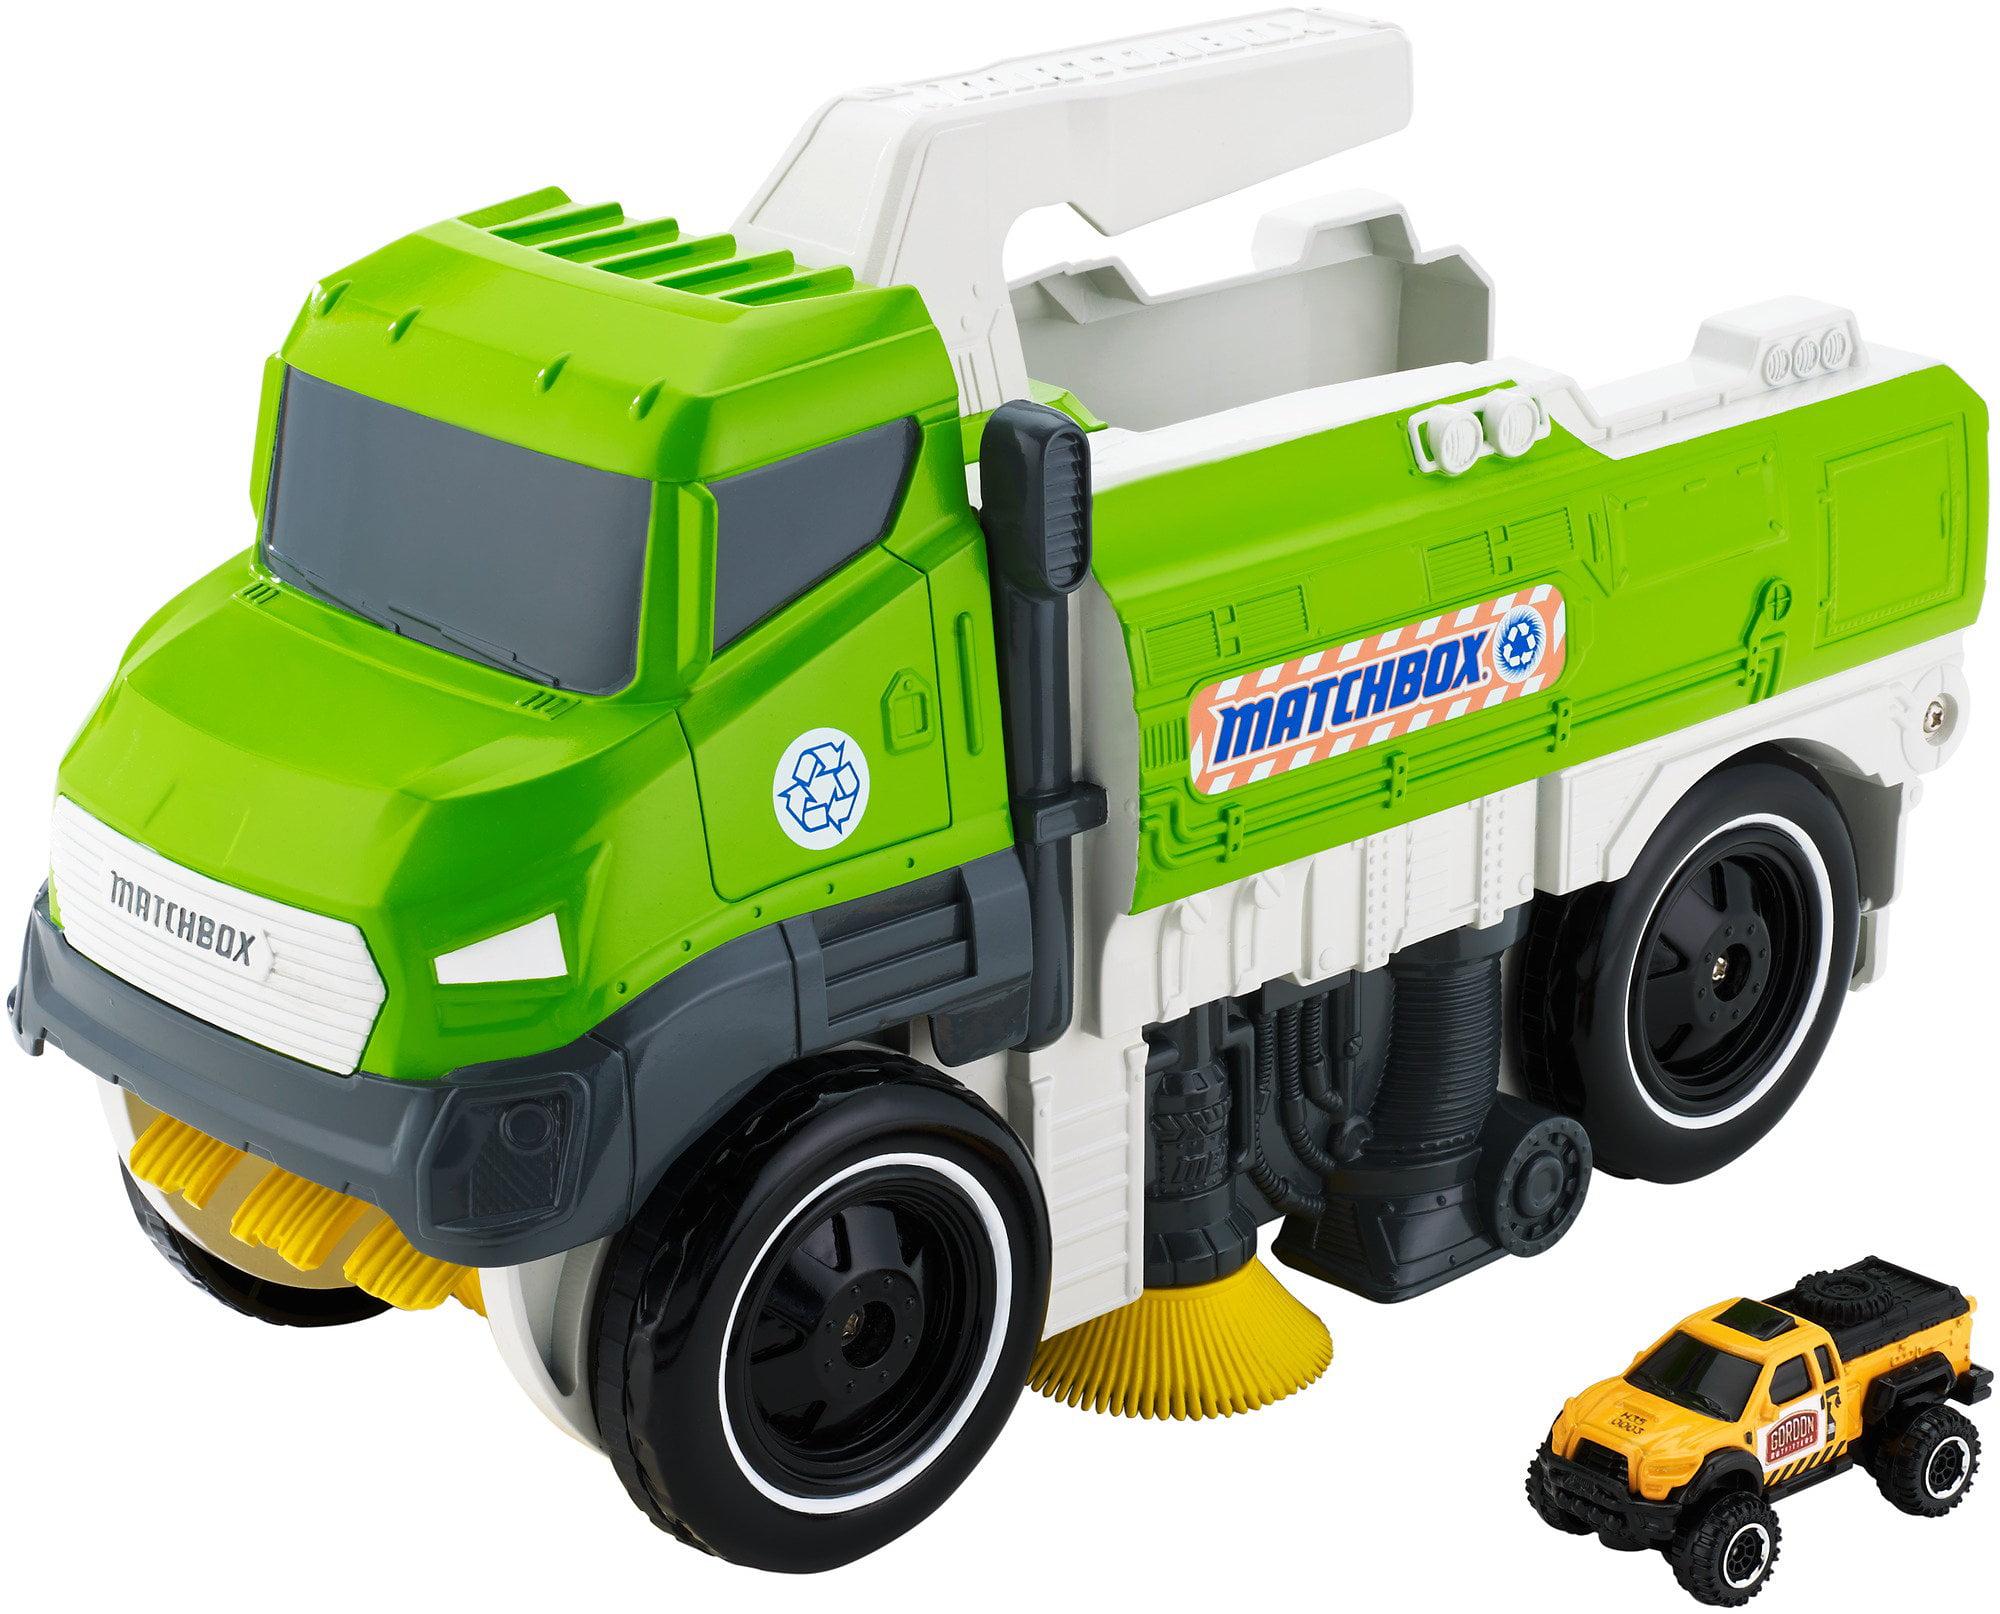 Matchbox Sweep �N' Keep Truck by Mattel